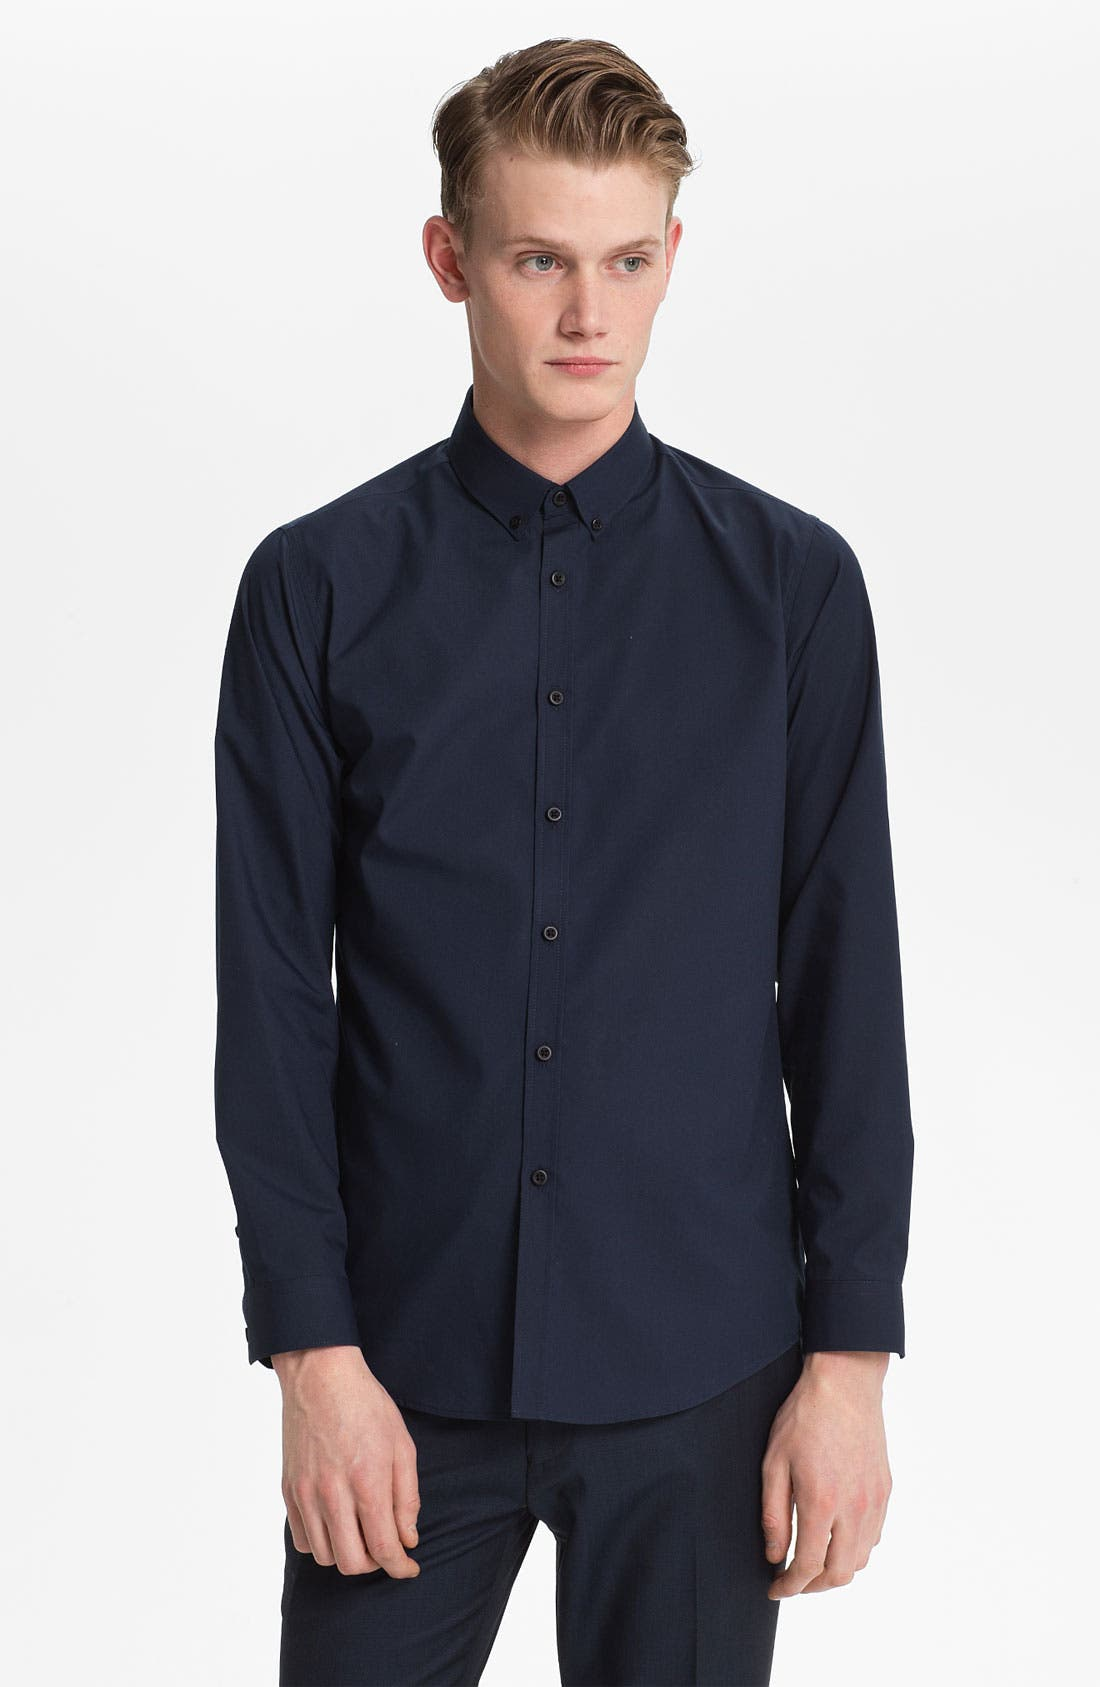 Alternate Image 1 Selected - Topman Slim Fit Dress Shirt